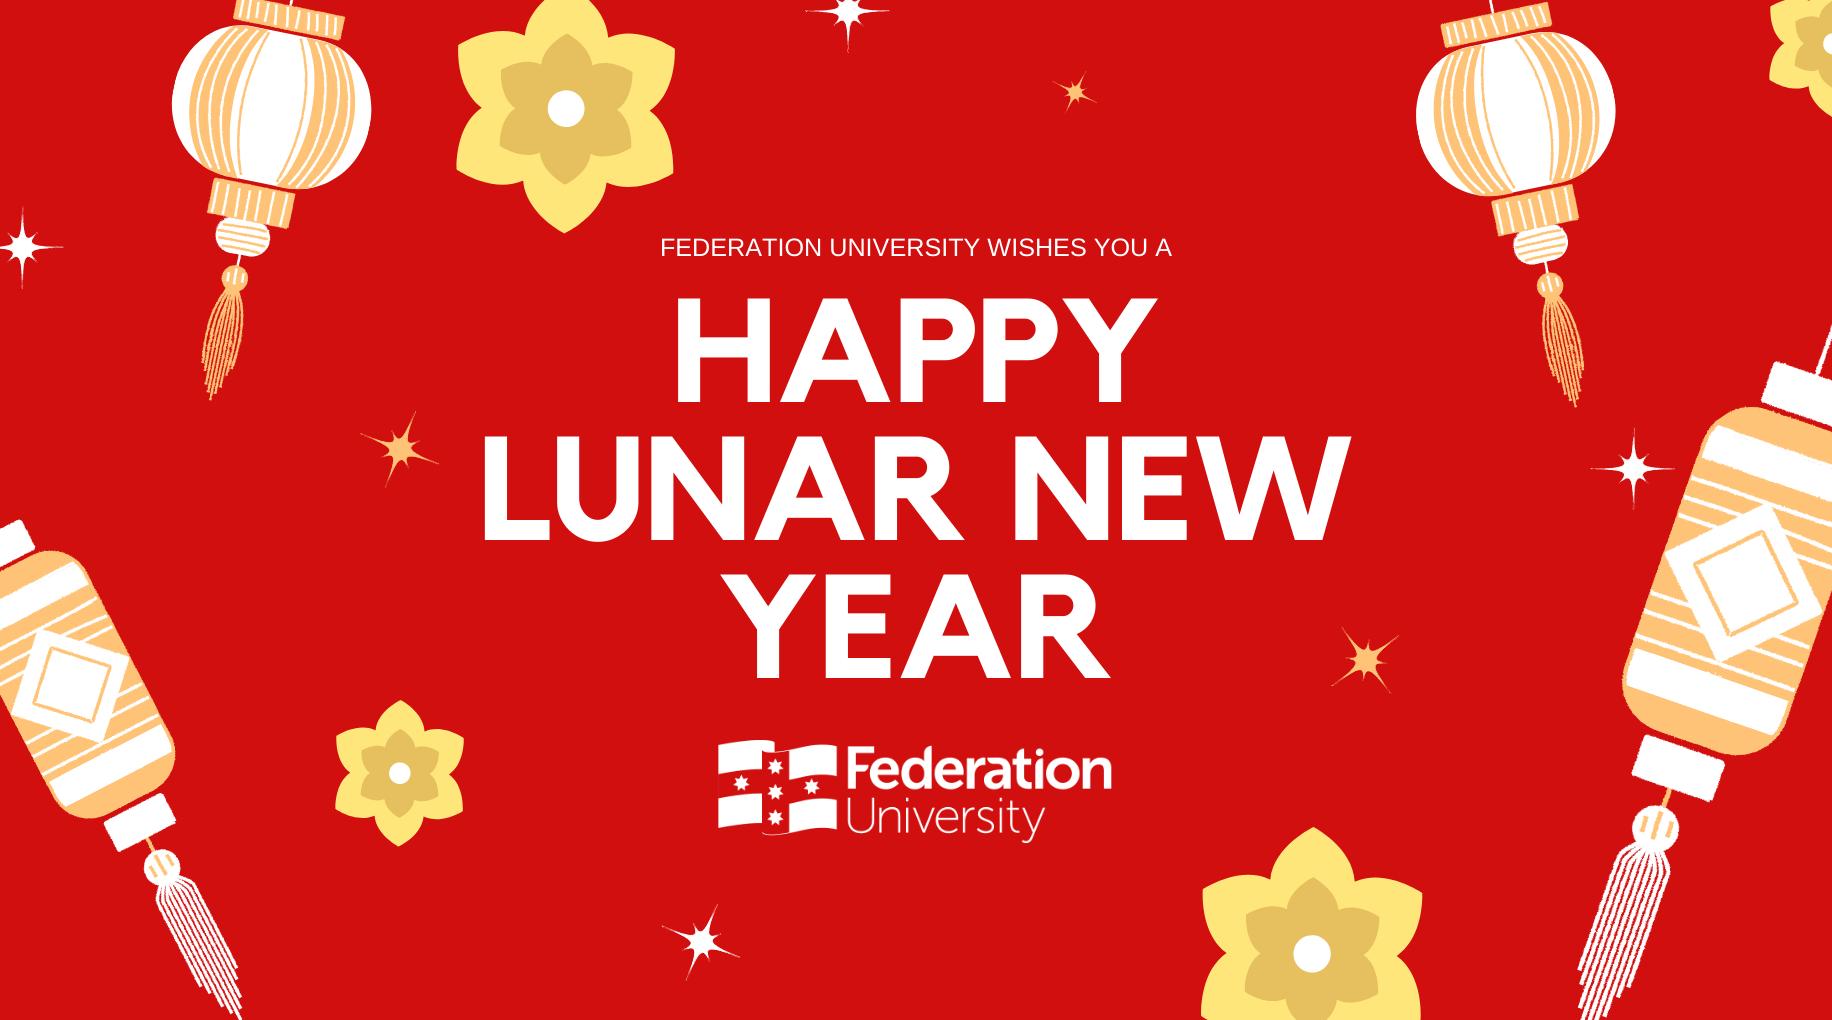 联邦大学恭祝各位新春愉快、万事如意、牛年吉祥!